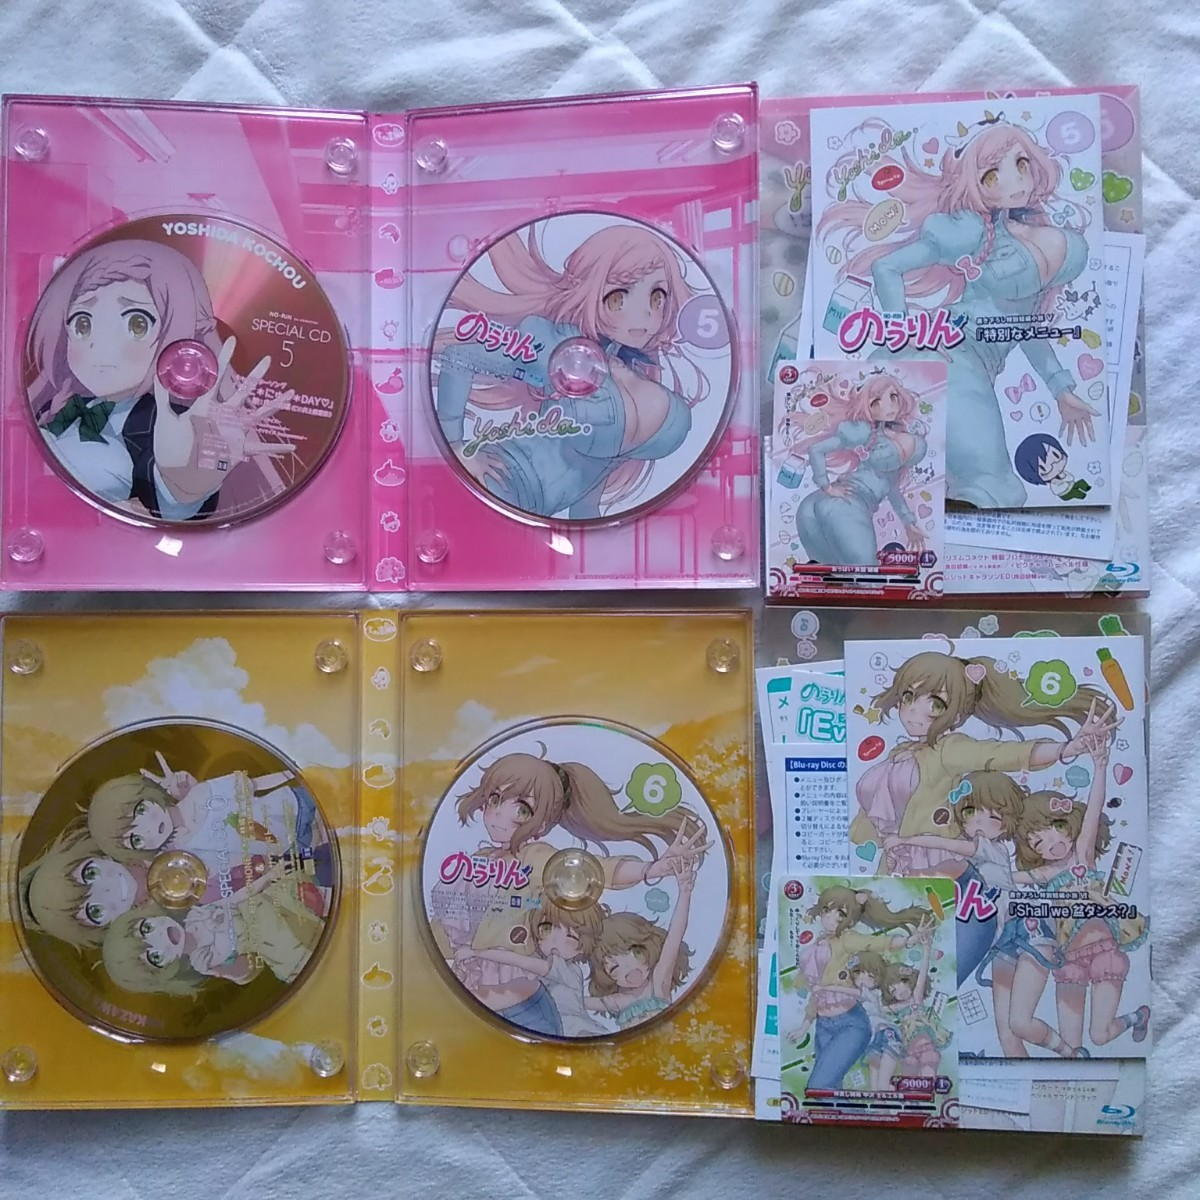 のうりん Blu-ray BOX 初回版 アニメイト 全巻収納Box付